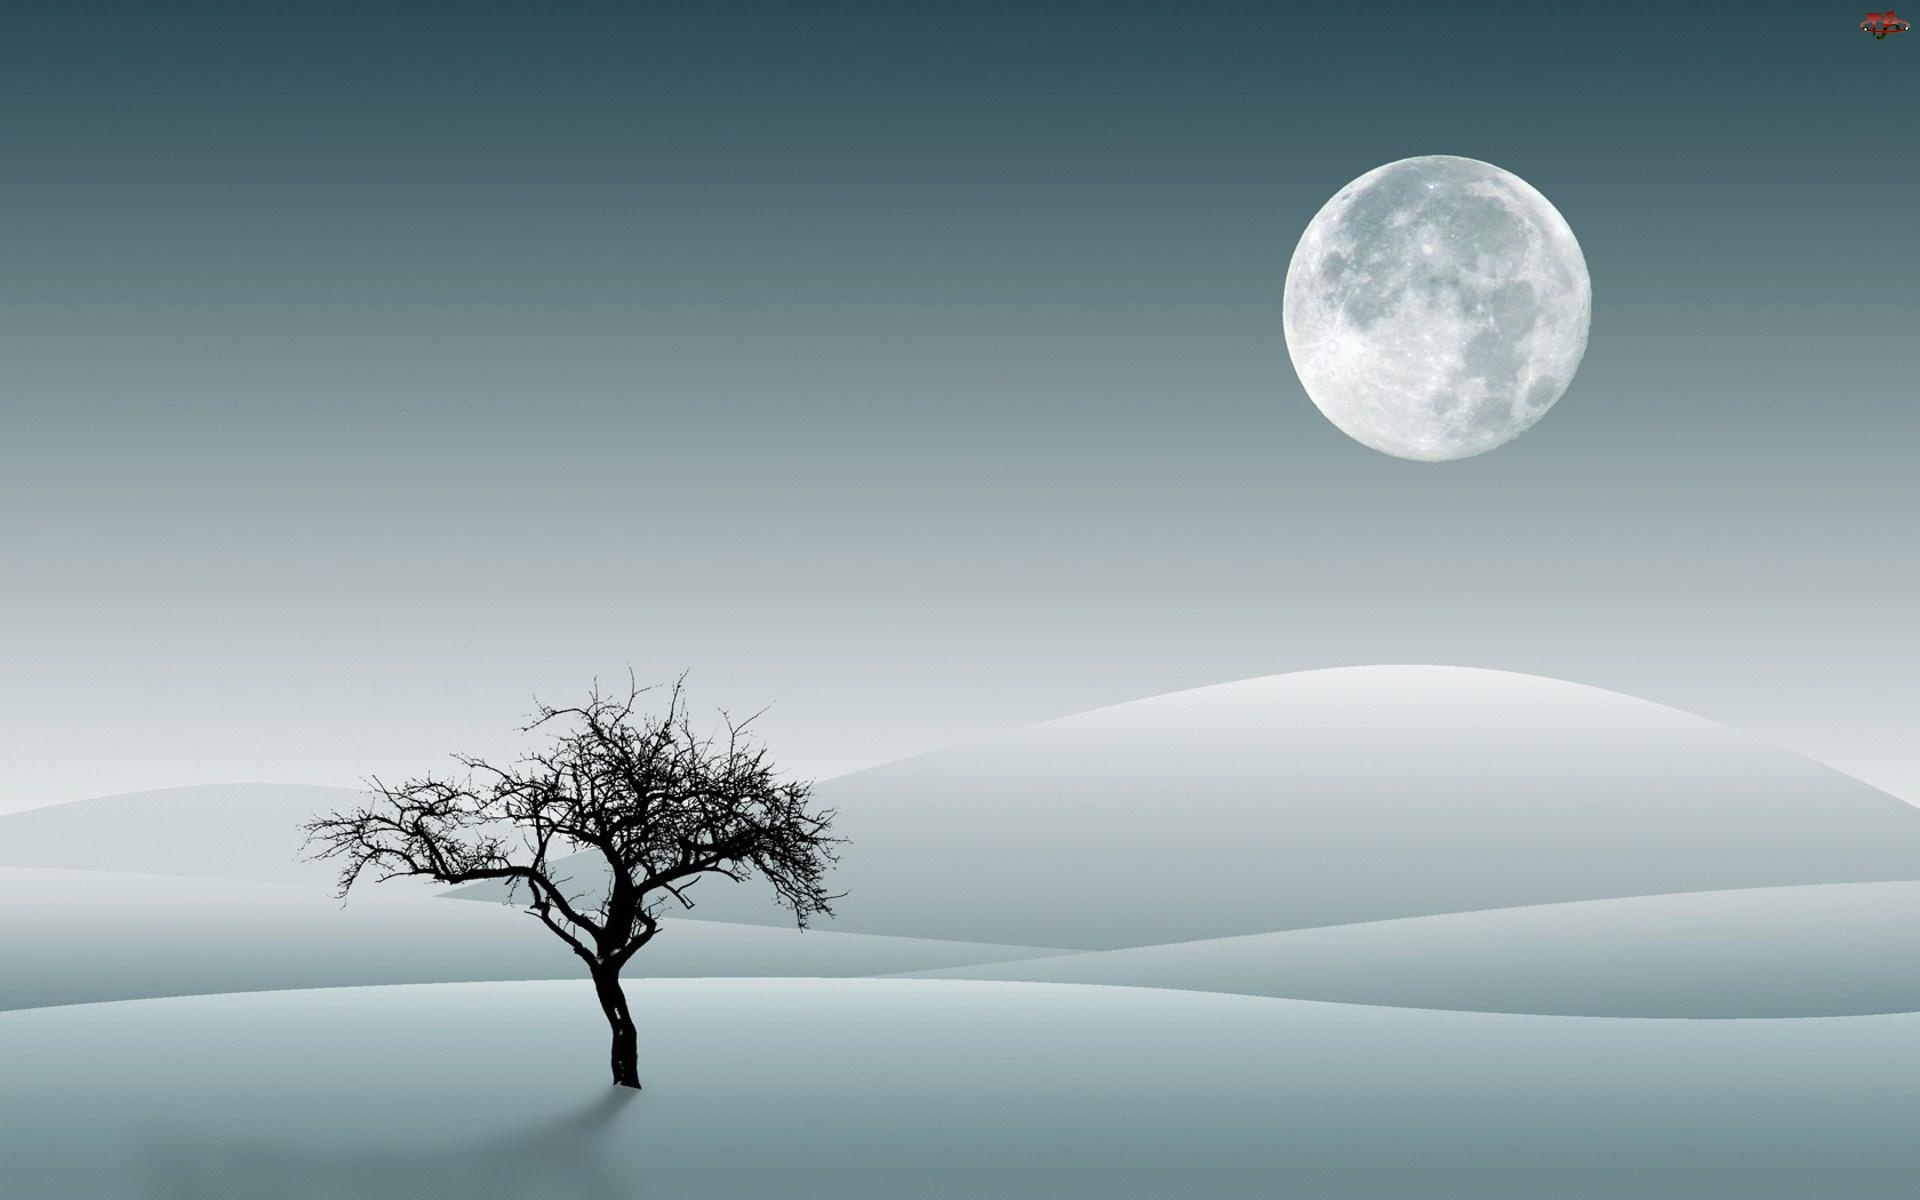 Grafika, Zima, Śnieg, Drzewo, Księżyc